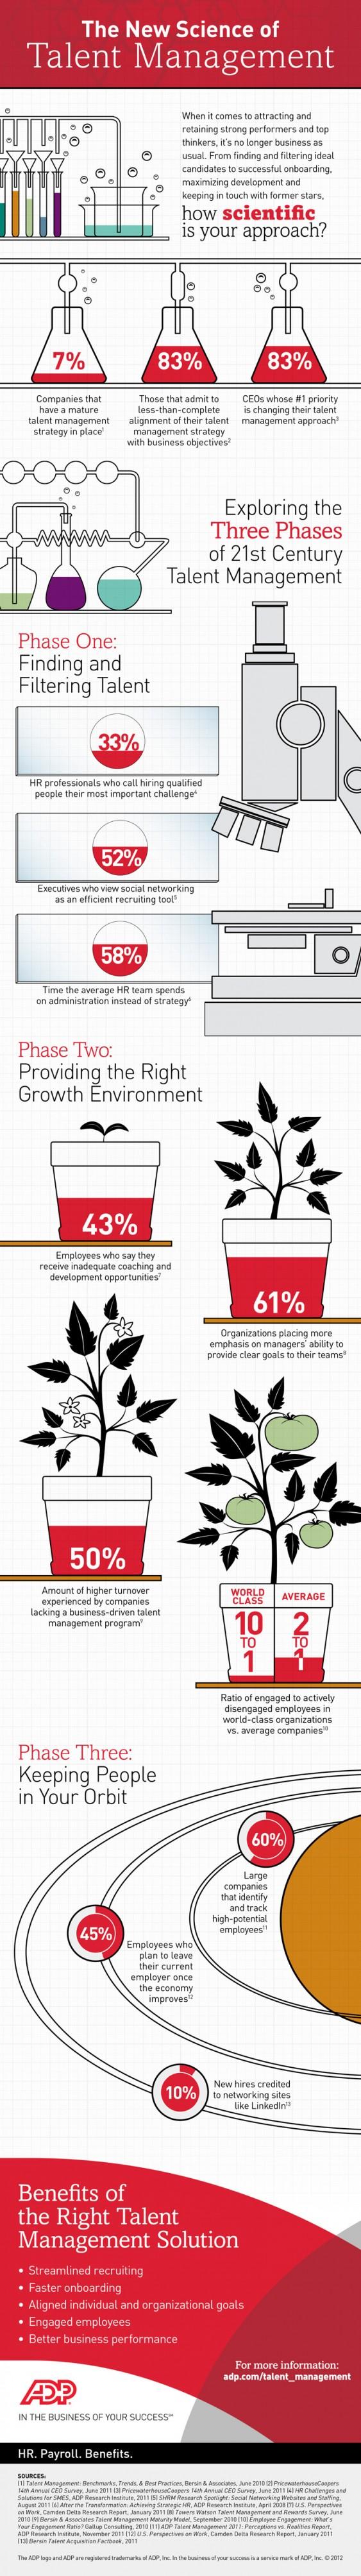 Les 3 composantes clés du Management des Talents #Infographie